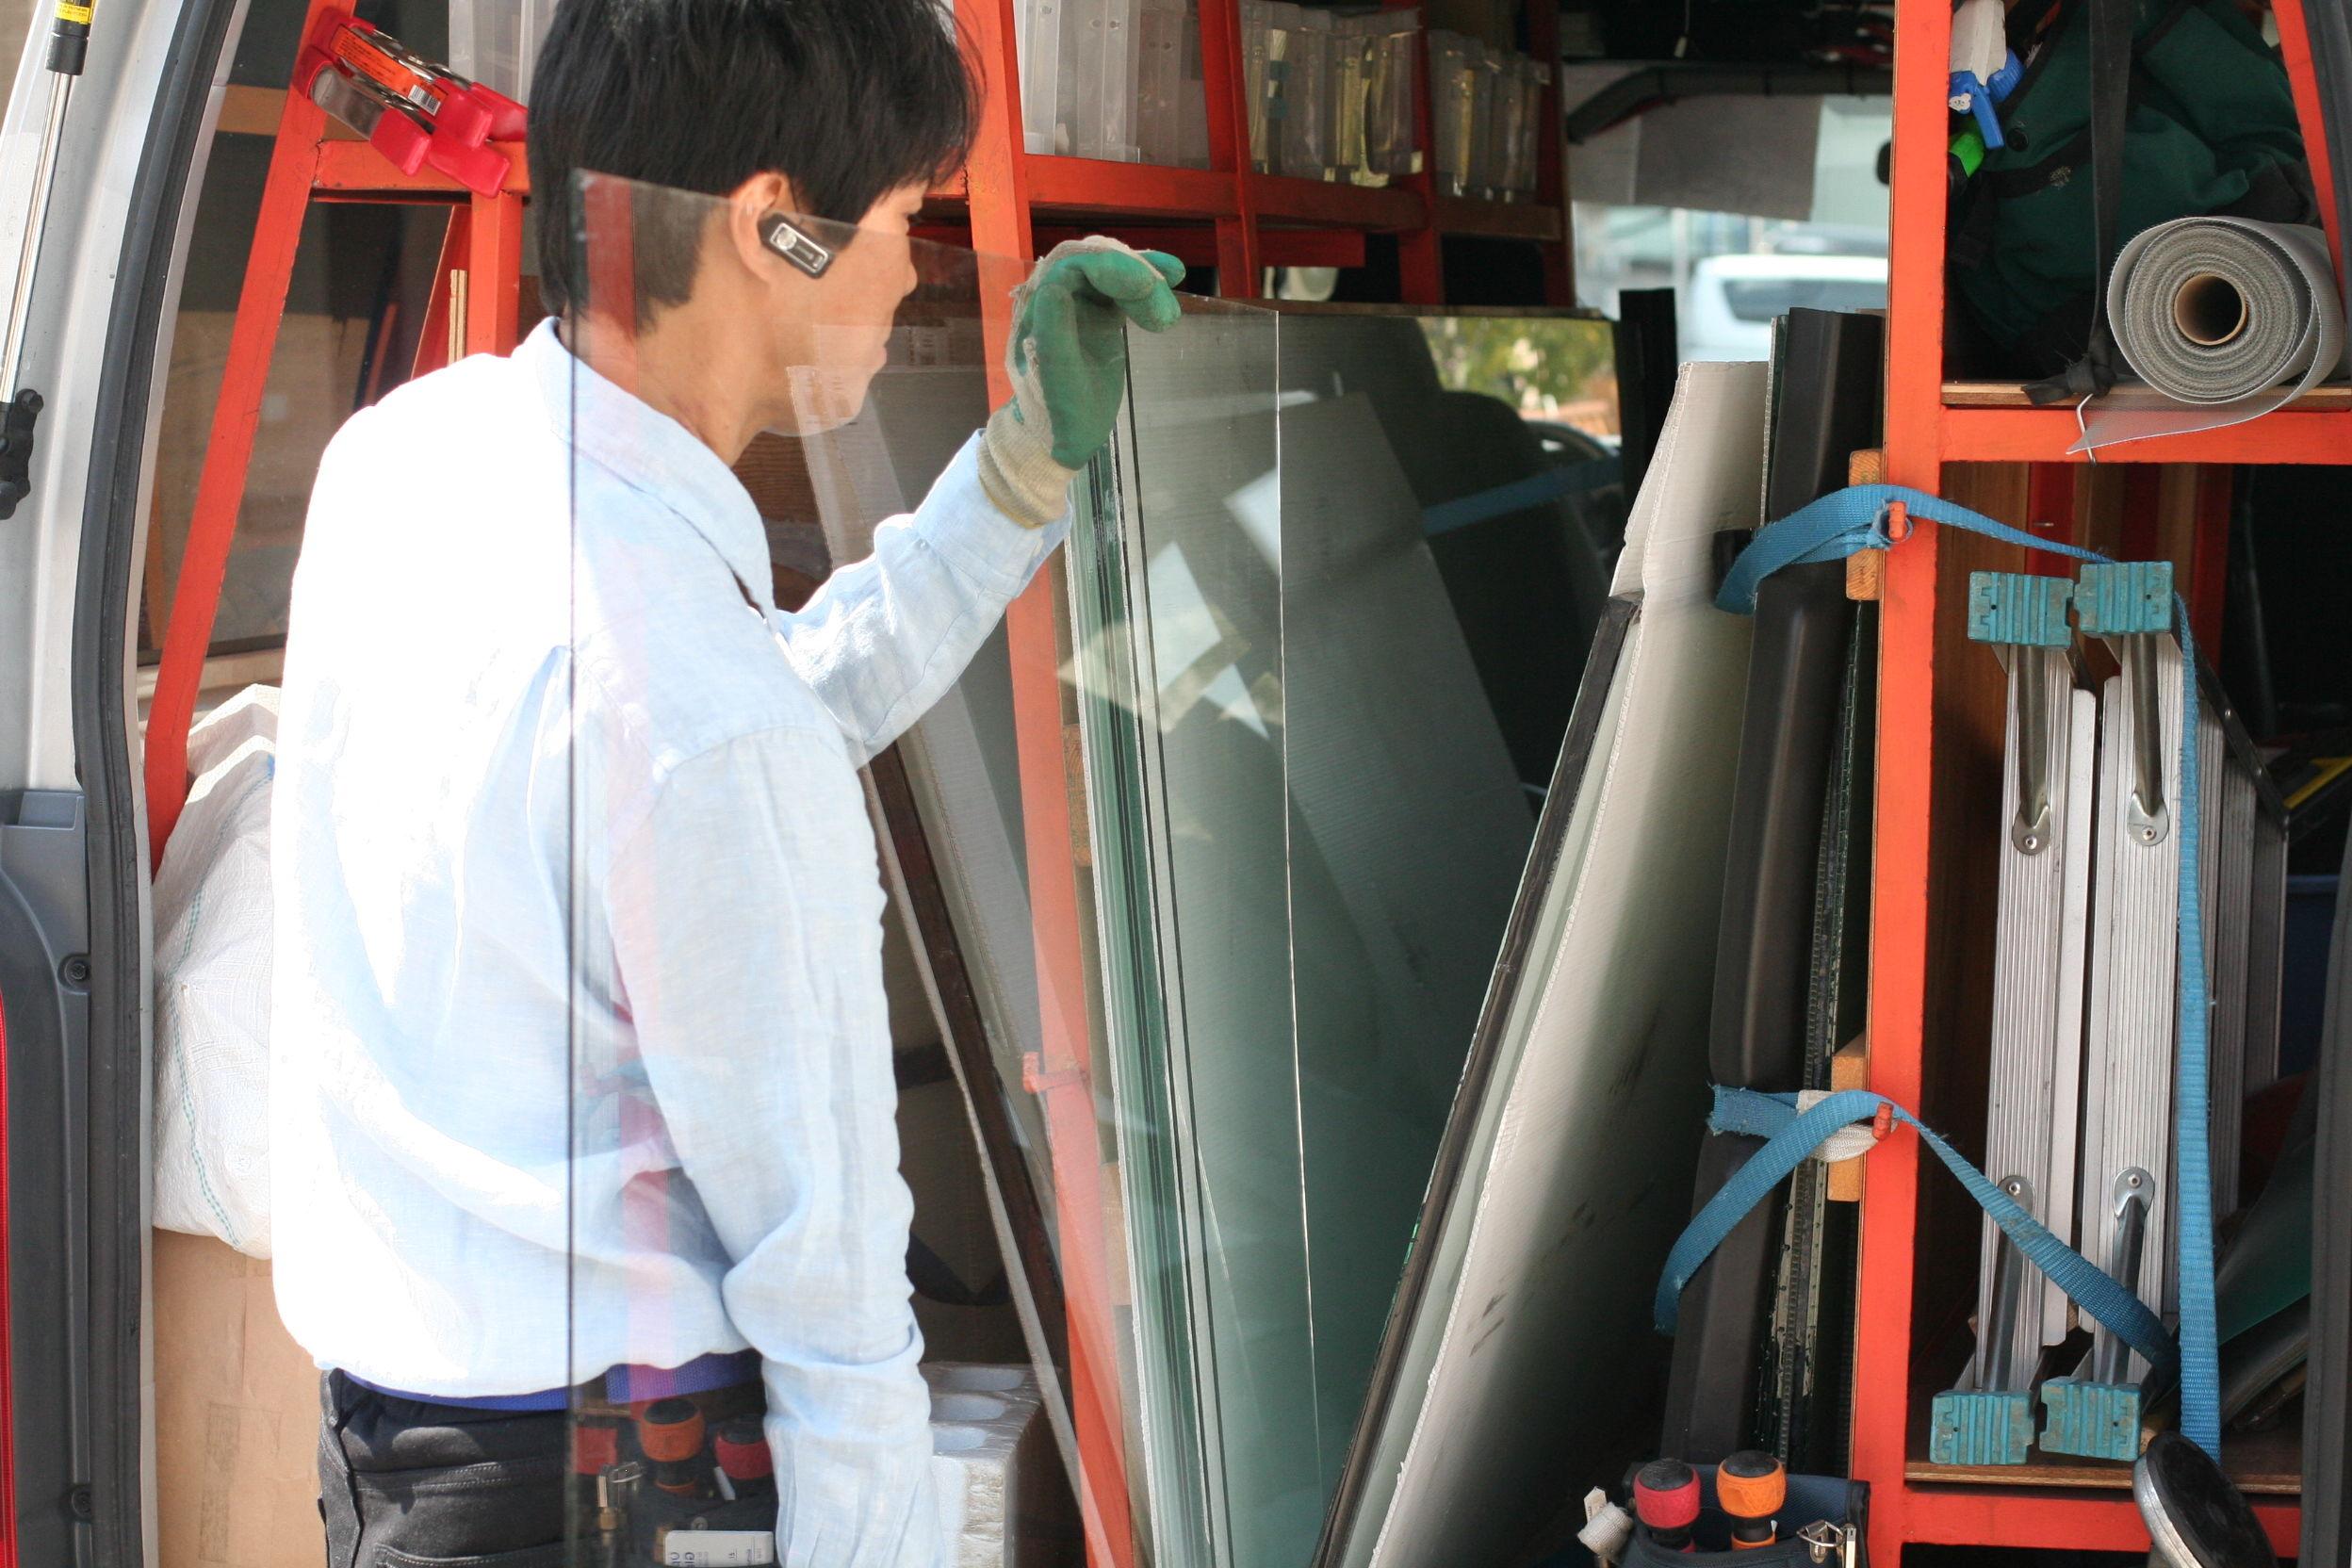 ガラスのトラブル救Q隊.24【豊中市 出張エリア】の店内・外観画像2